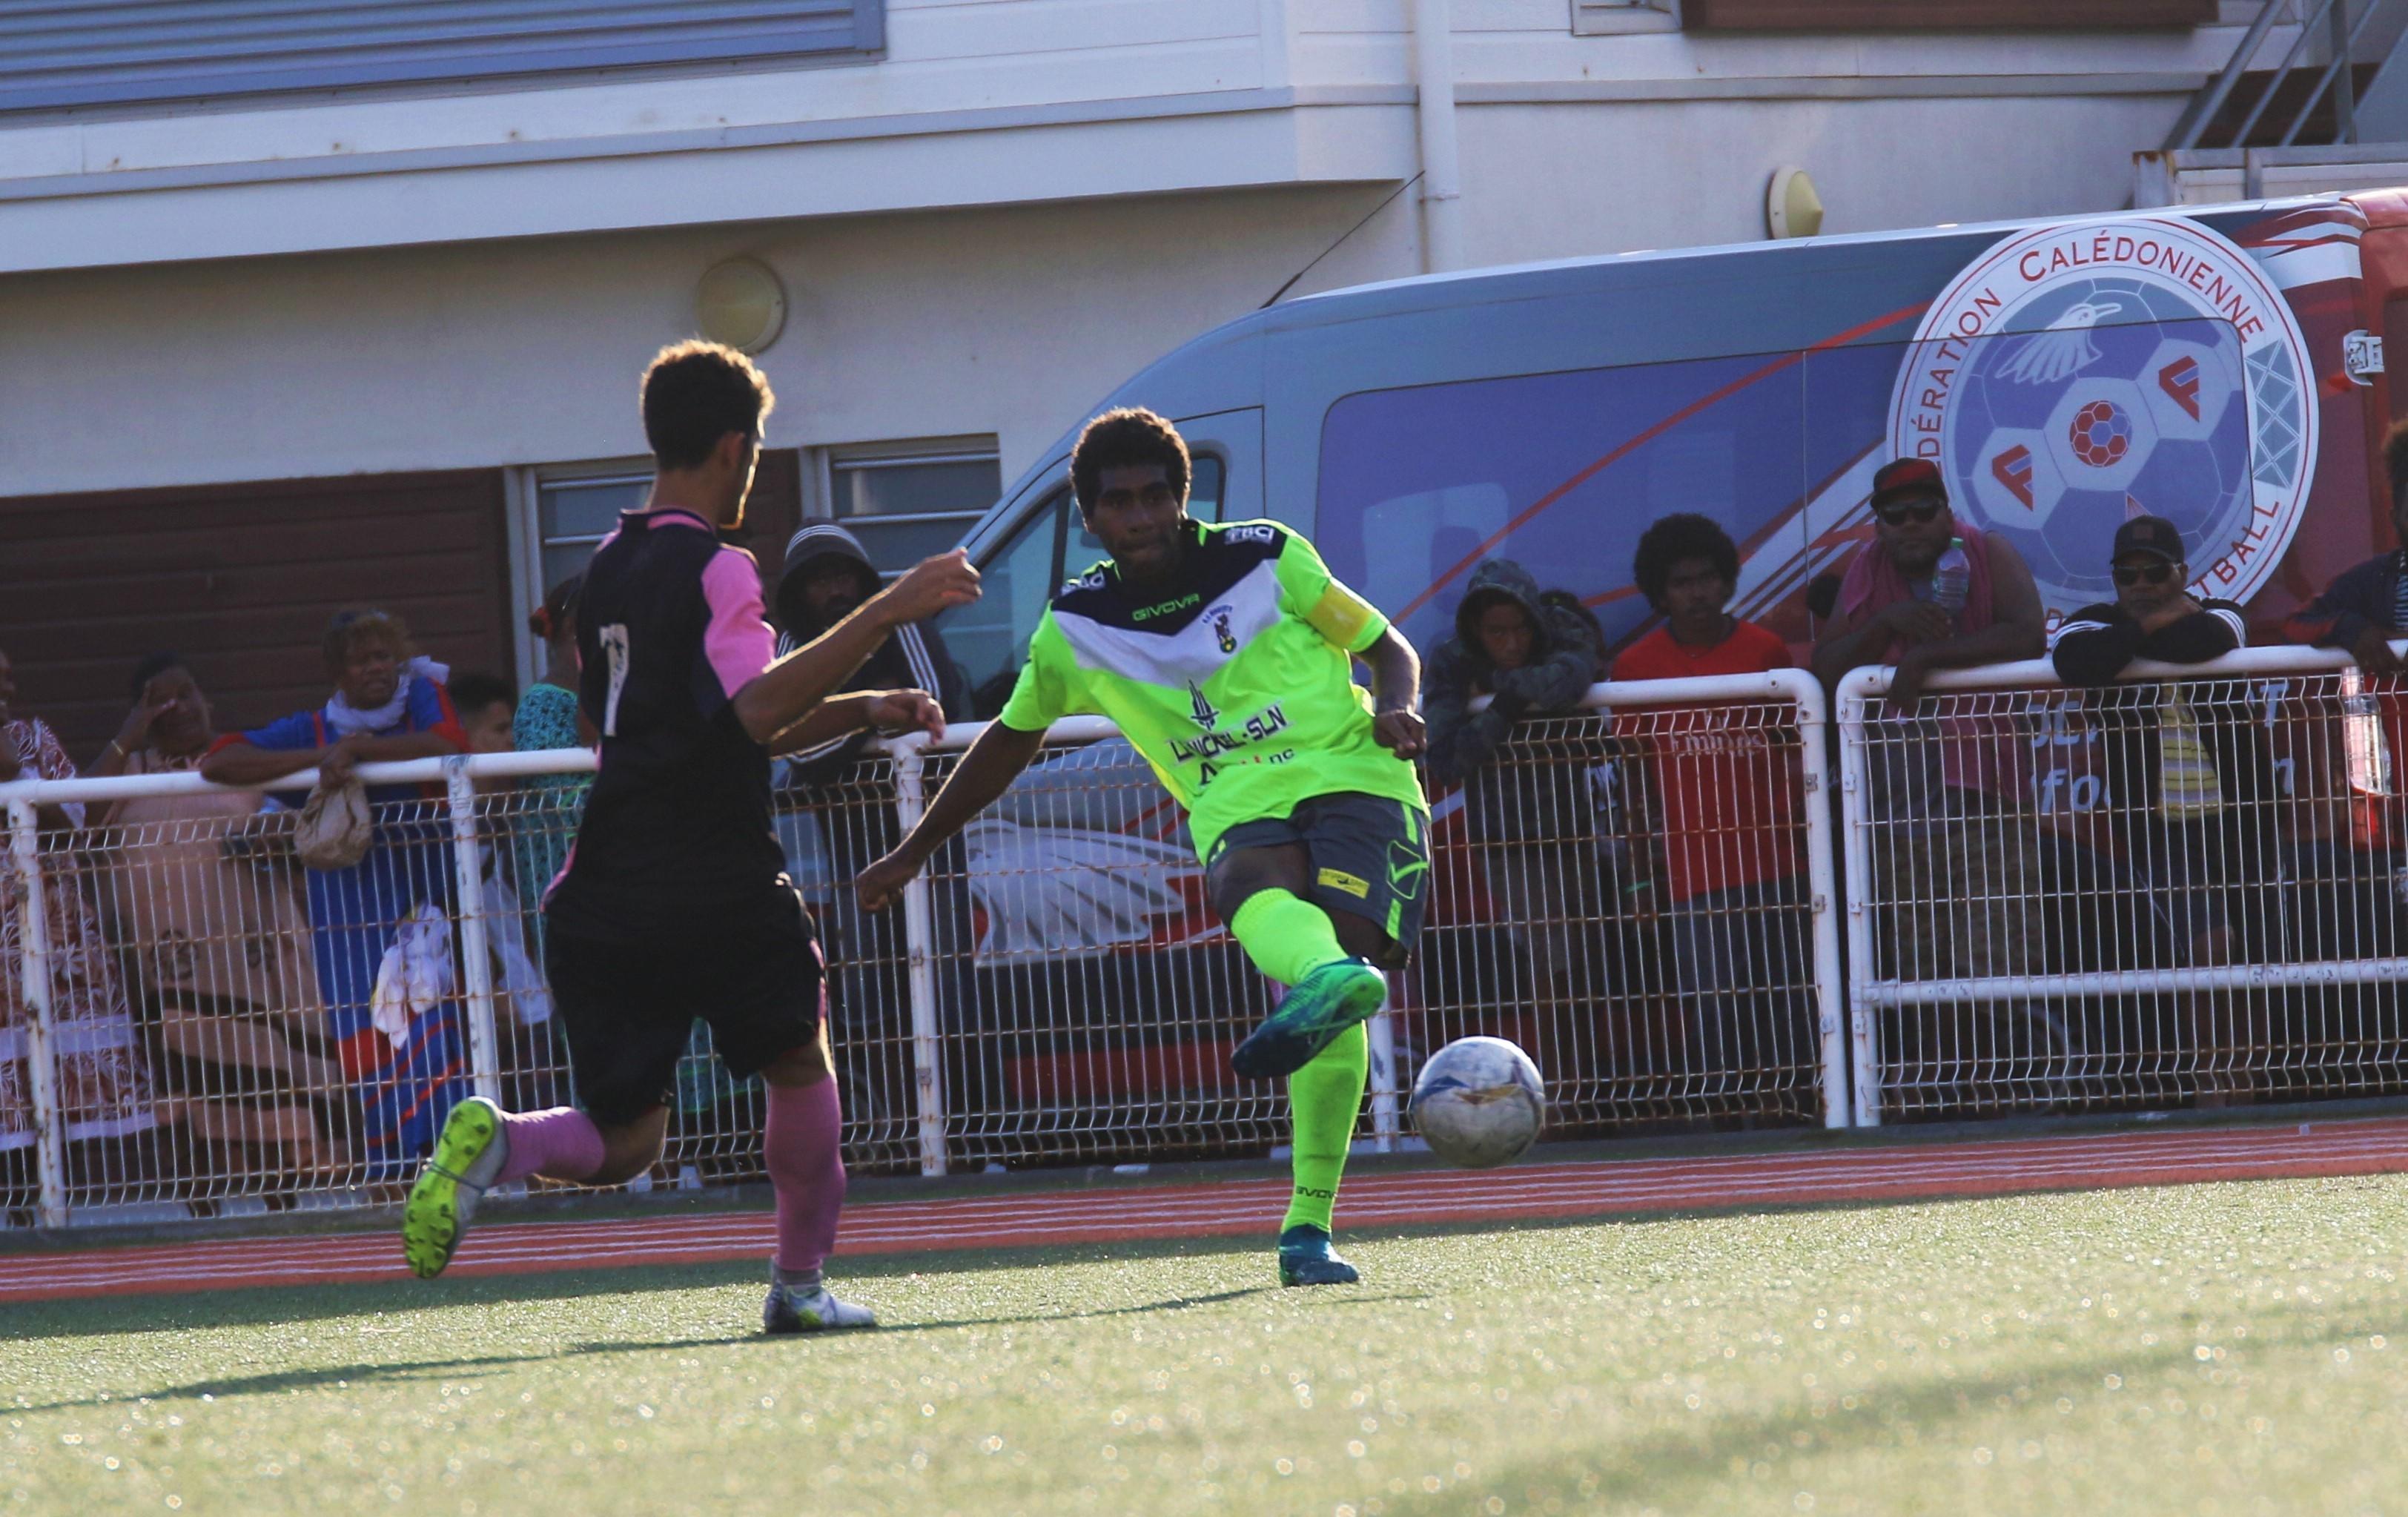 Championnat fédéral JEUNES U18, cliquez-ICI